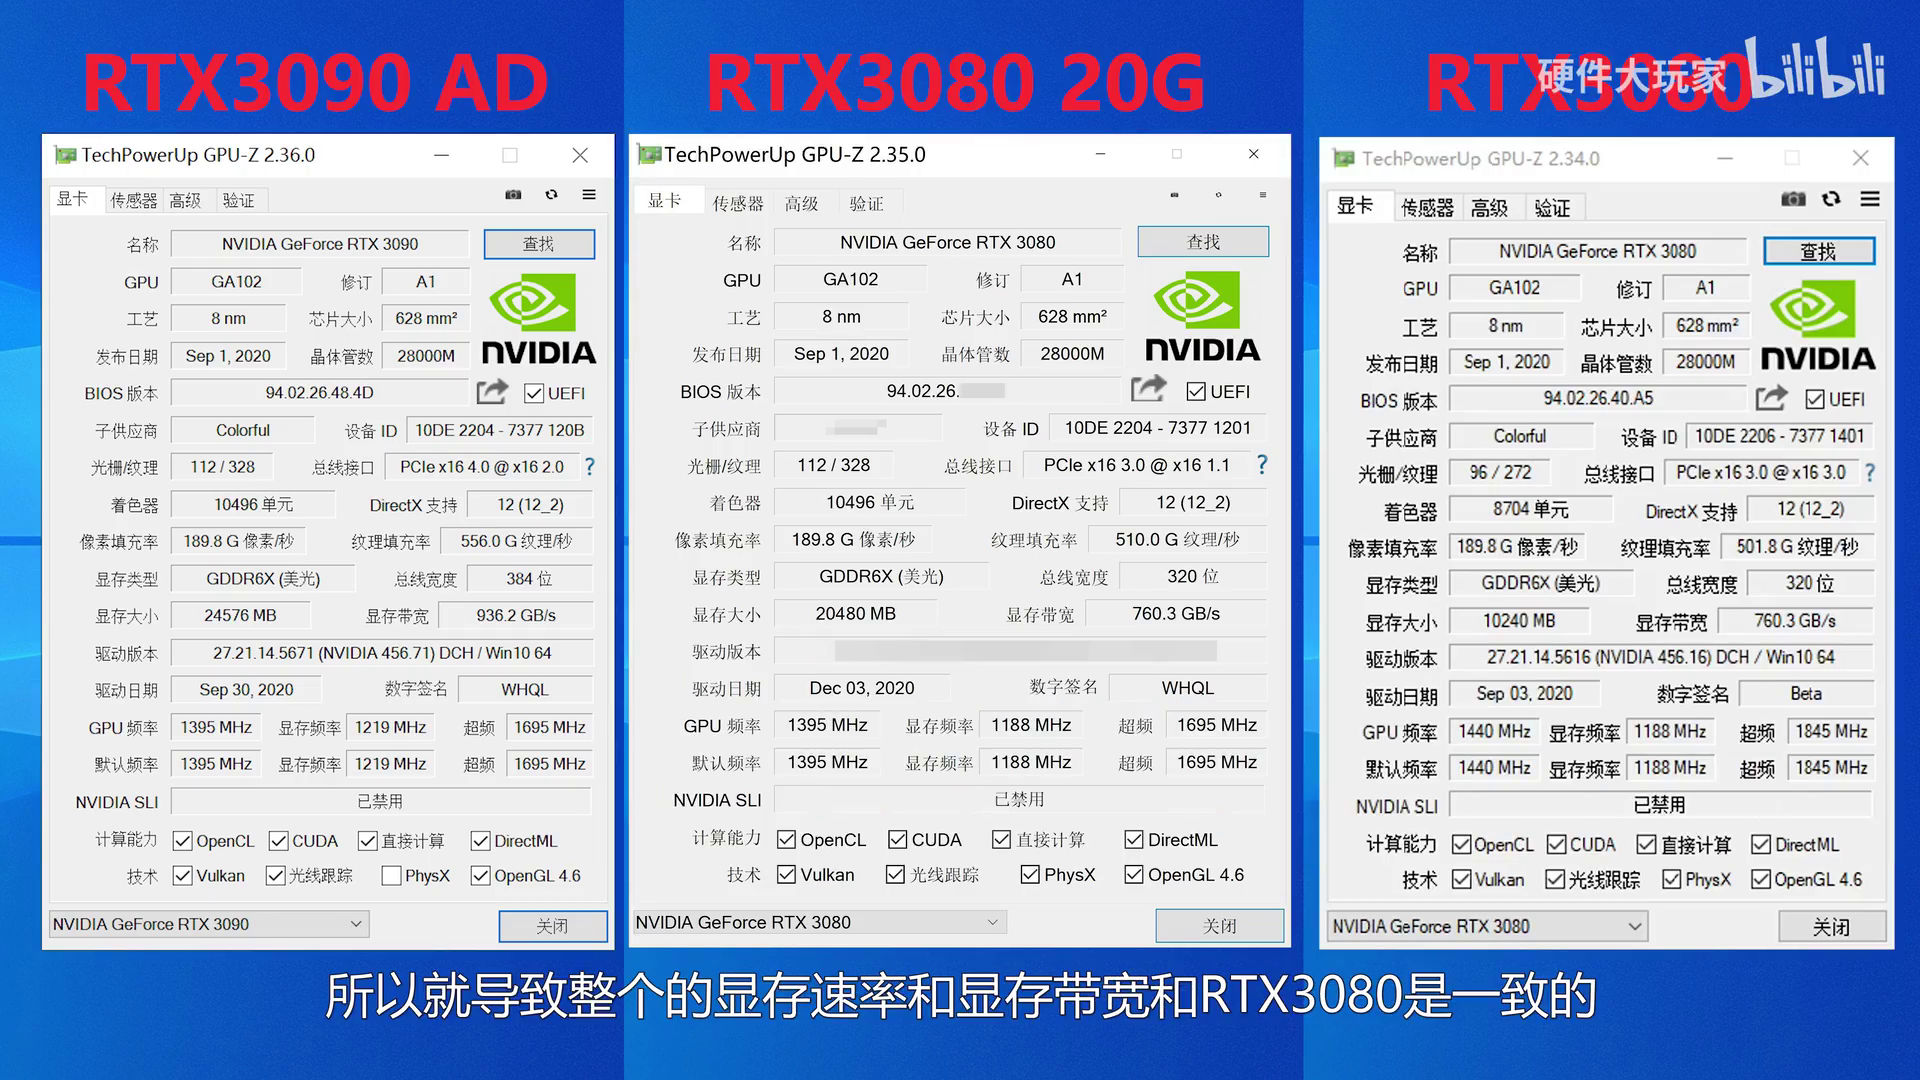 NVIDIA-RTX-3080-Ti-20GB-1.jpg